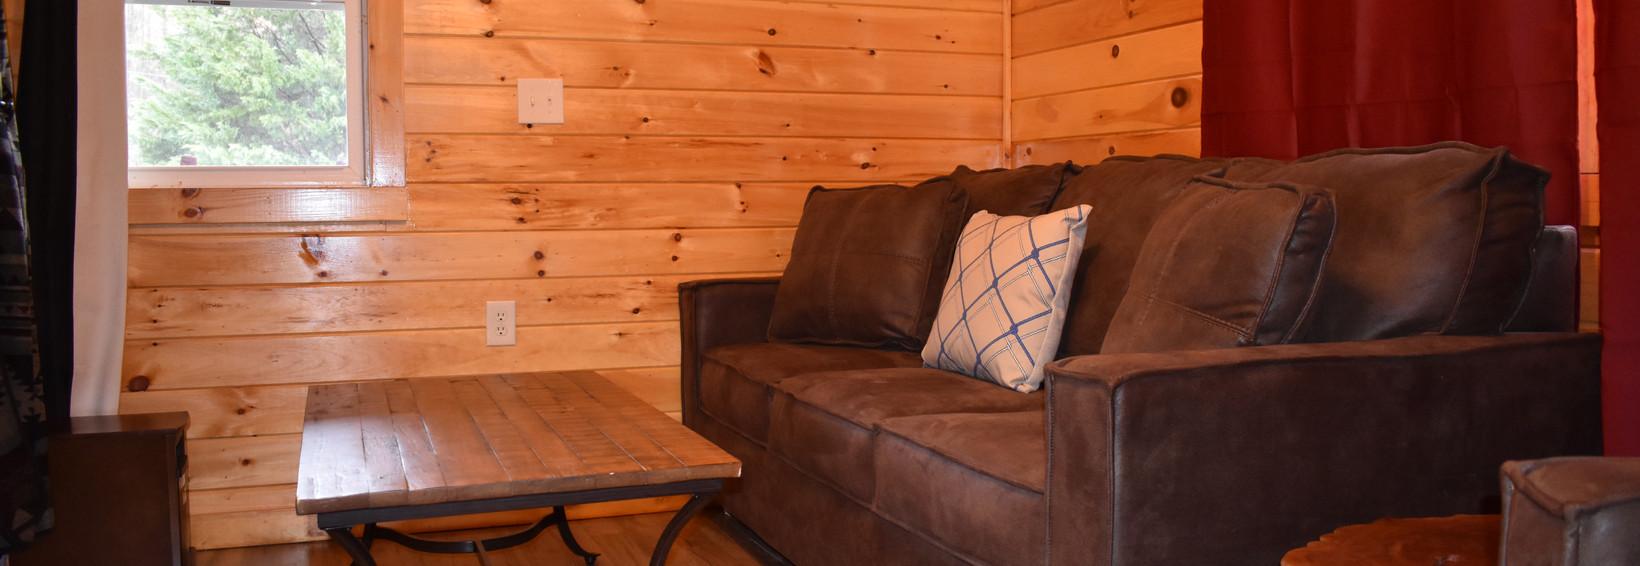 Hummingbird Cabin Living Room 2